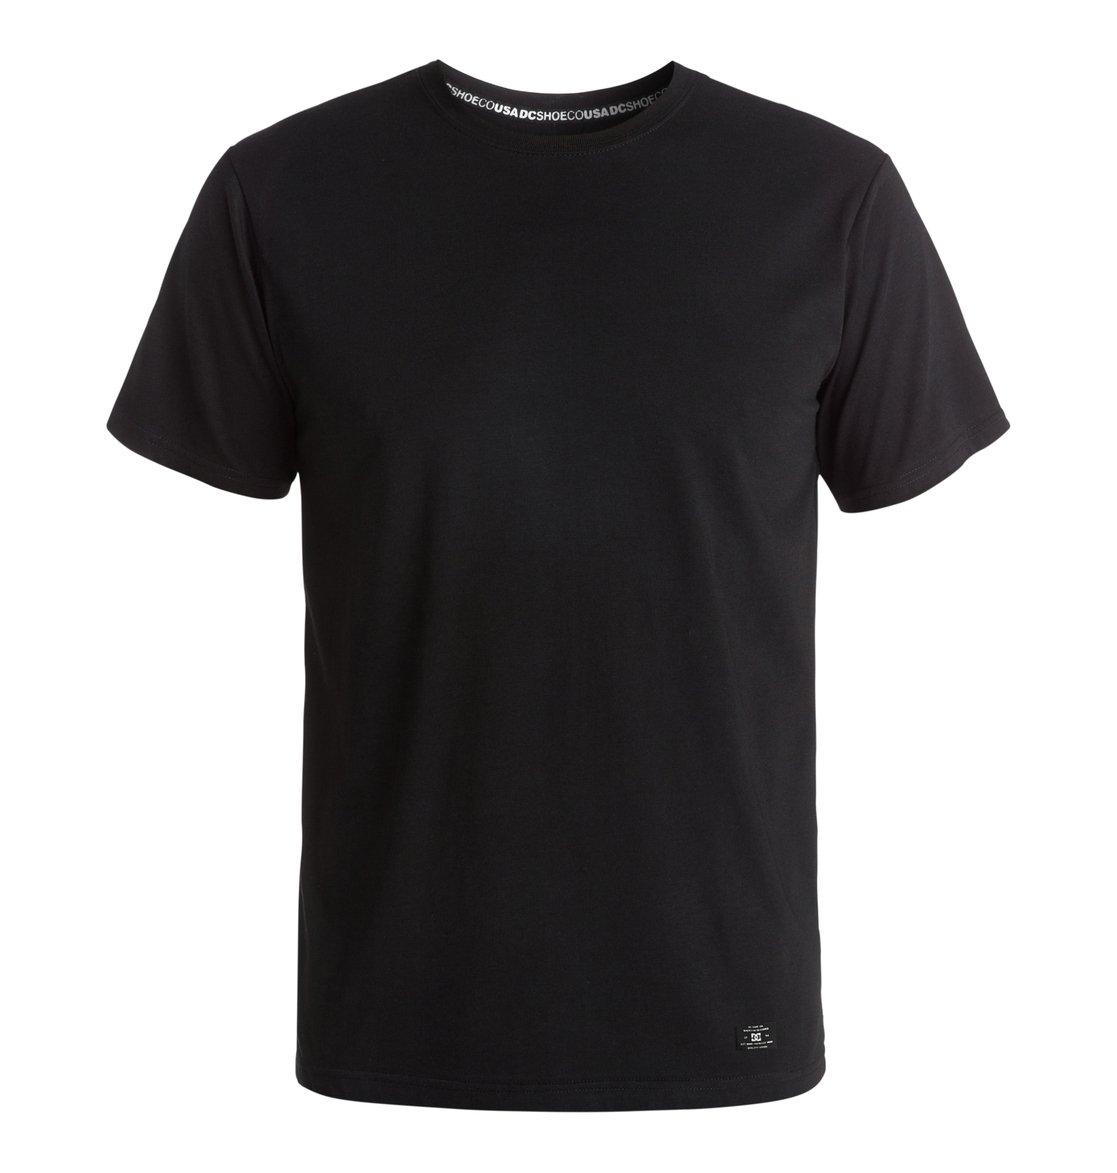 Здесь можно купить   Basic - T-shirt Новые поступления